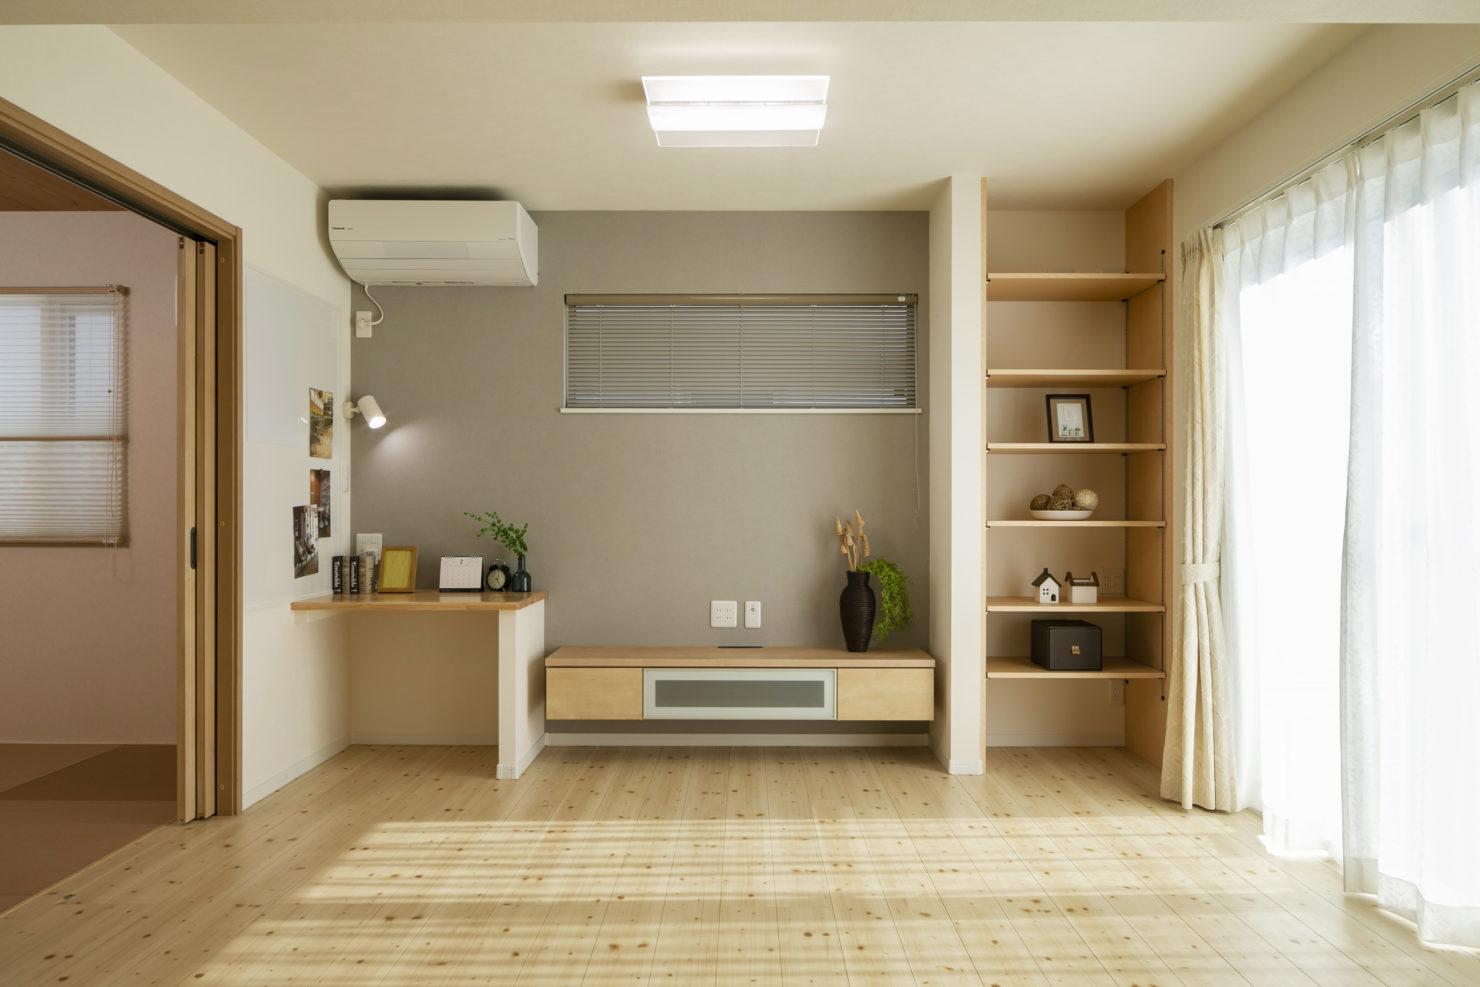 ハウスM21「朝・夕のゆとりを生む家事動線」リビング写真